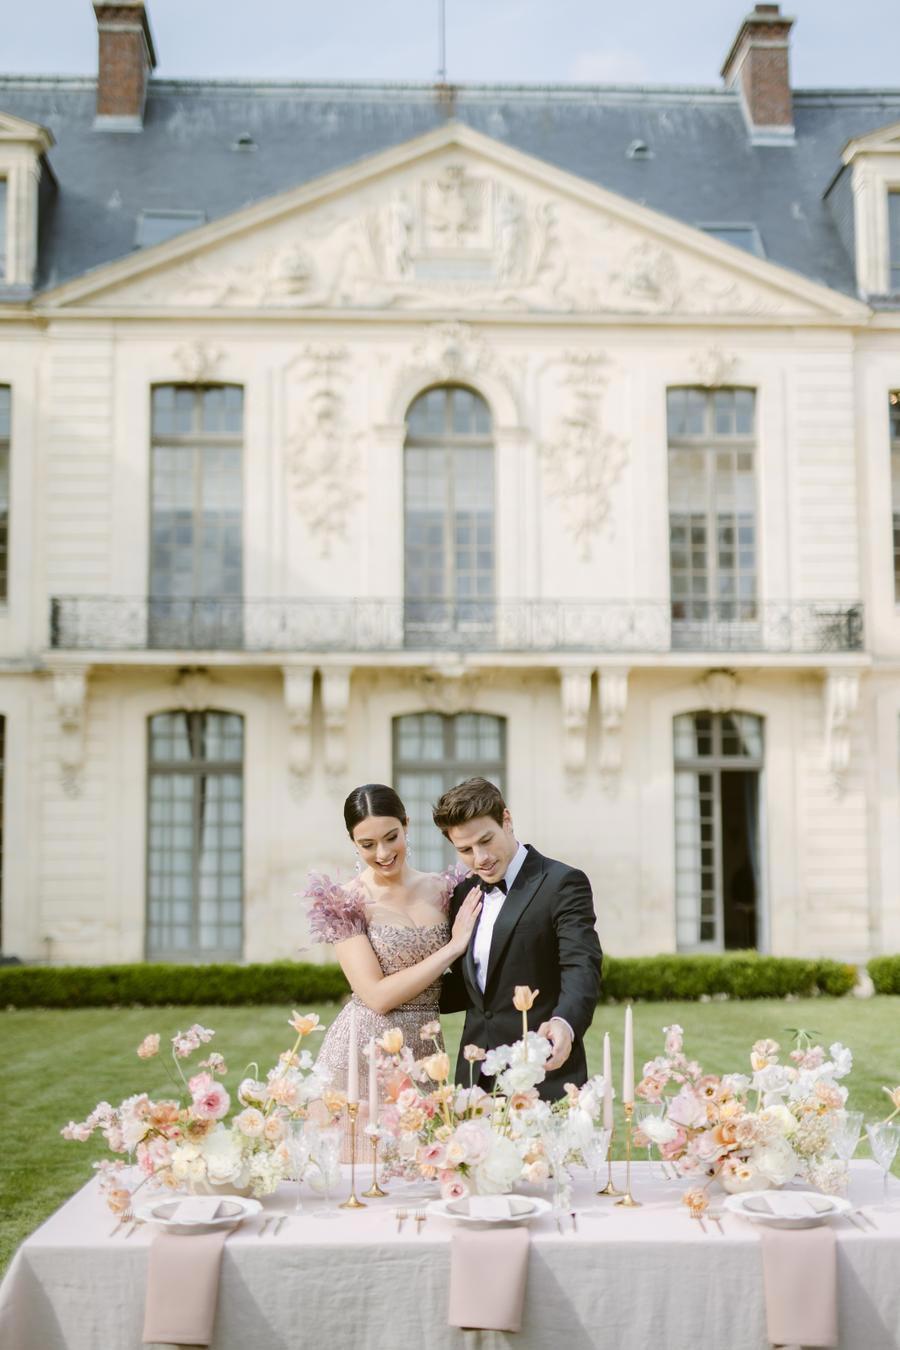 20 новых идей для свадьбы 2022 2